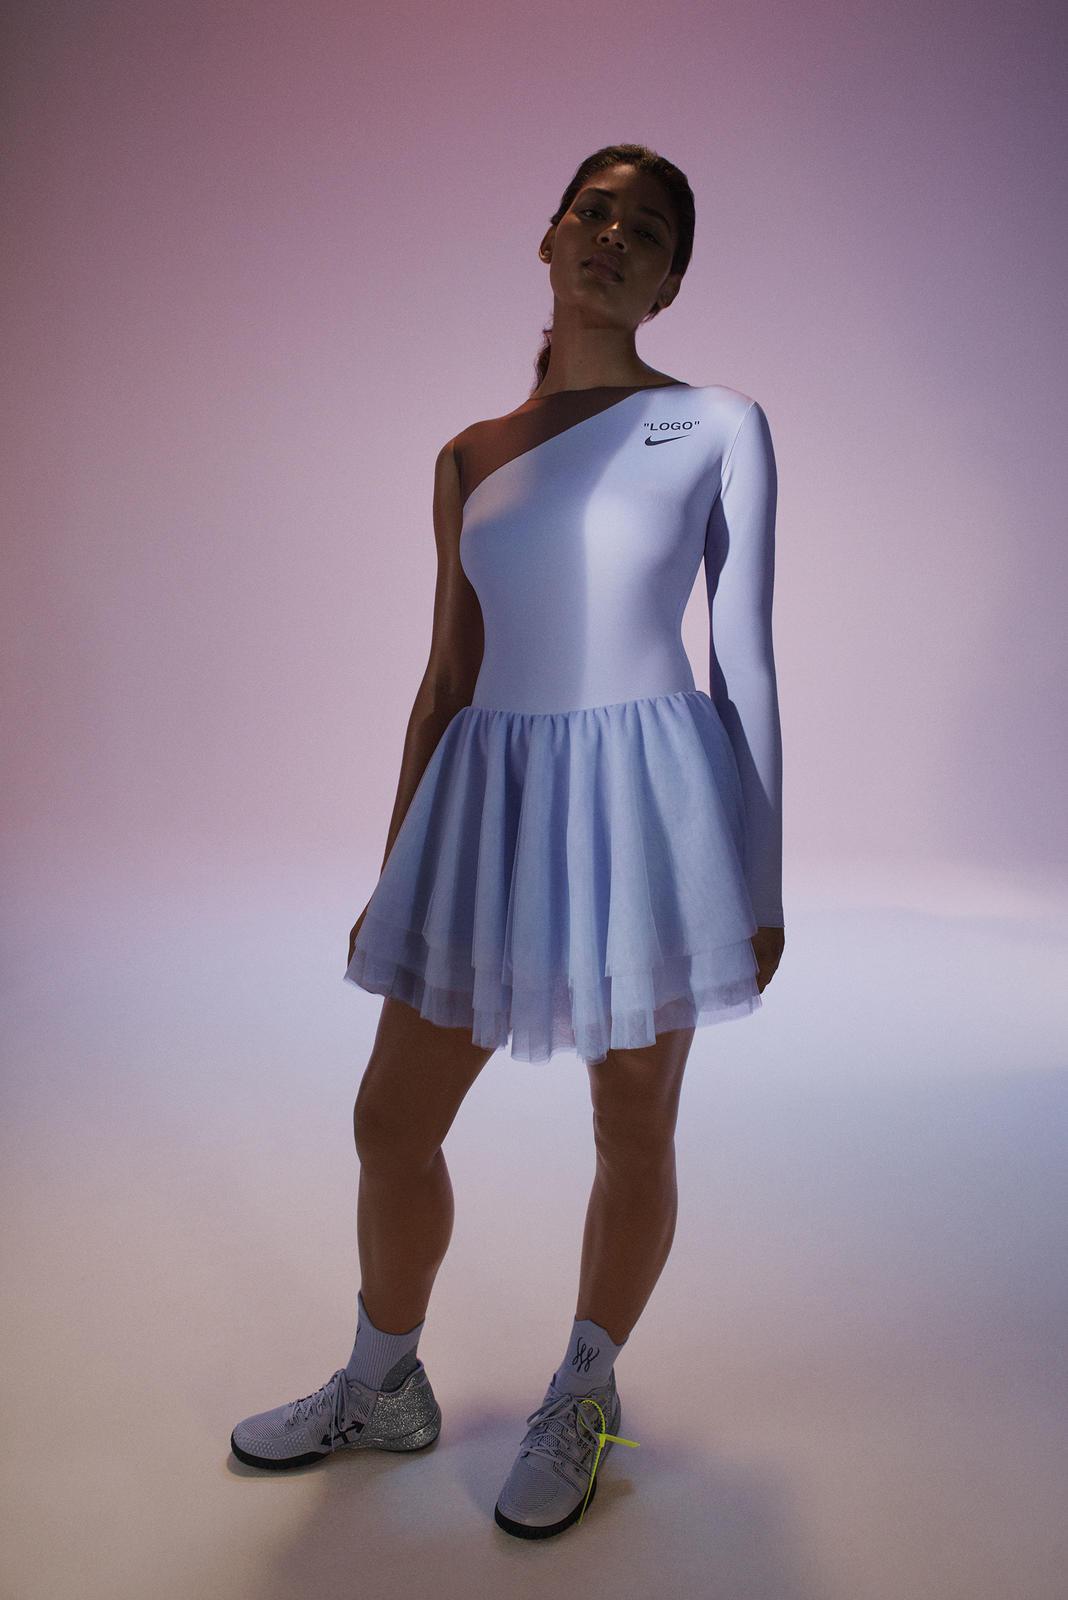 trang phục thi đấu serena williams